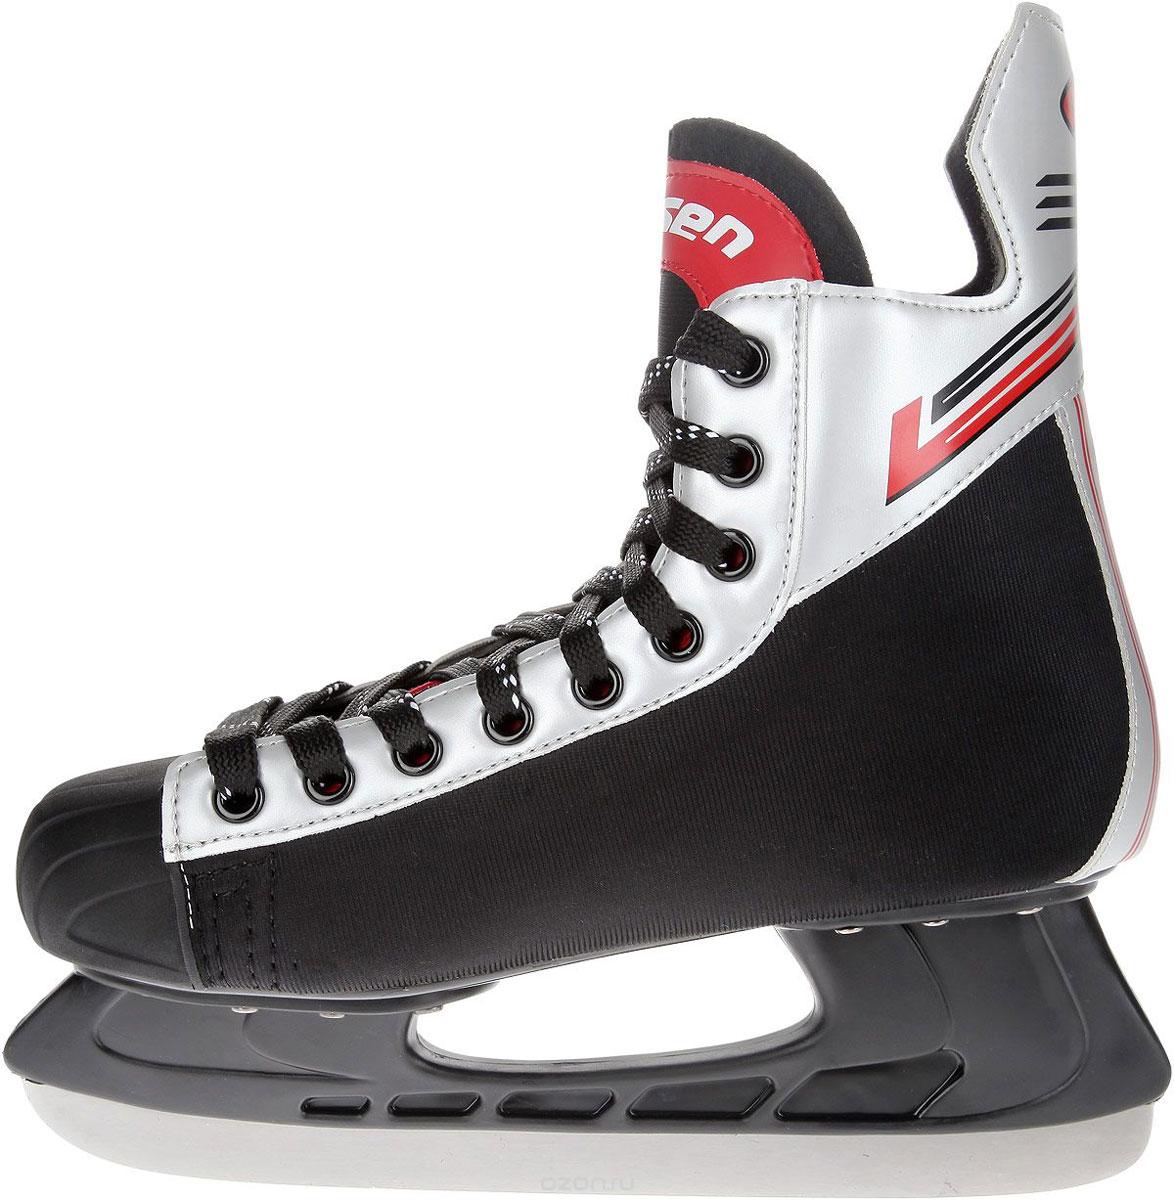 Коньки хоккейные мужские Larsen Alex, цвет: черный, серебристый, красный. Размер 44Atemi Force 3.0 2012 Black-GrayСтильные коньки Alex от Larsen прекрасно подойдут для начинающих игроков в хоккей. Ботиноквыполнен из нейлона и морозоустойчивого поливинилхлорида. Мыс дополнен вставкой изполиуретана, которая защитит ноги от ударов. Внутренний слой изготовлен из мягкого текстиля,который обеспечит тепло и комфорт во время катания, язычок - из войлока. Плотная шнуровканадежно фиксирует модель на ноге. Голеностоп имеет удобный суппорт. Стелька из EVA стекстильной поверхностью обеспечит комфортное катание. Стойка выполнена изударопрочного полипропилена. Лезвие из нержавеющей стали обеспечит превосходноескольжение. В комплект входят пластиковые чехлы для лезвий.